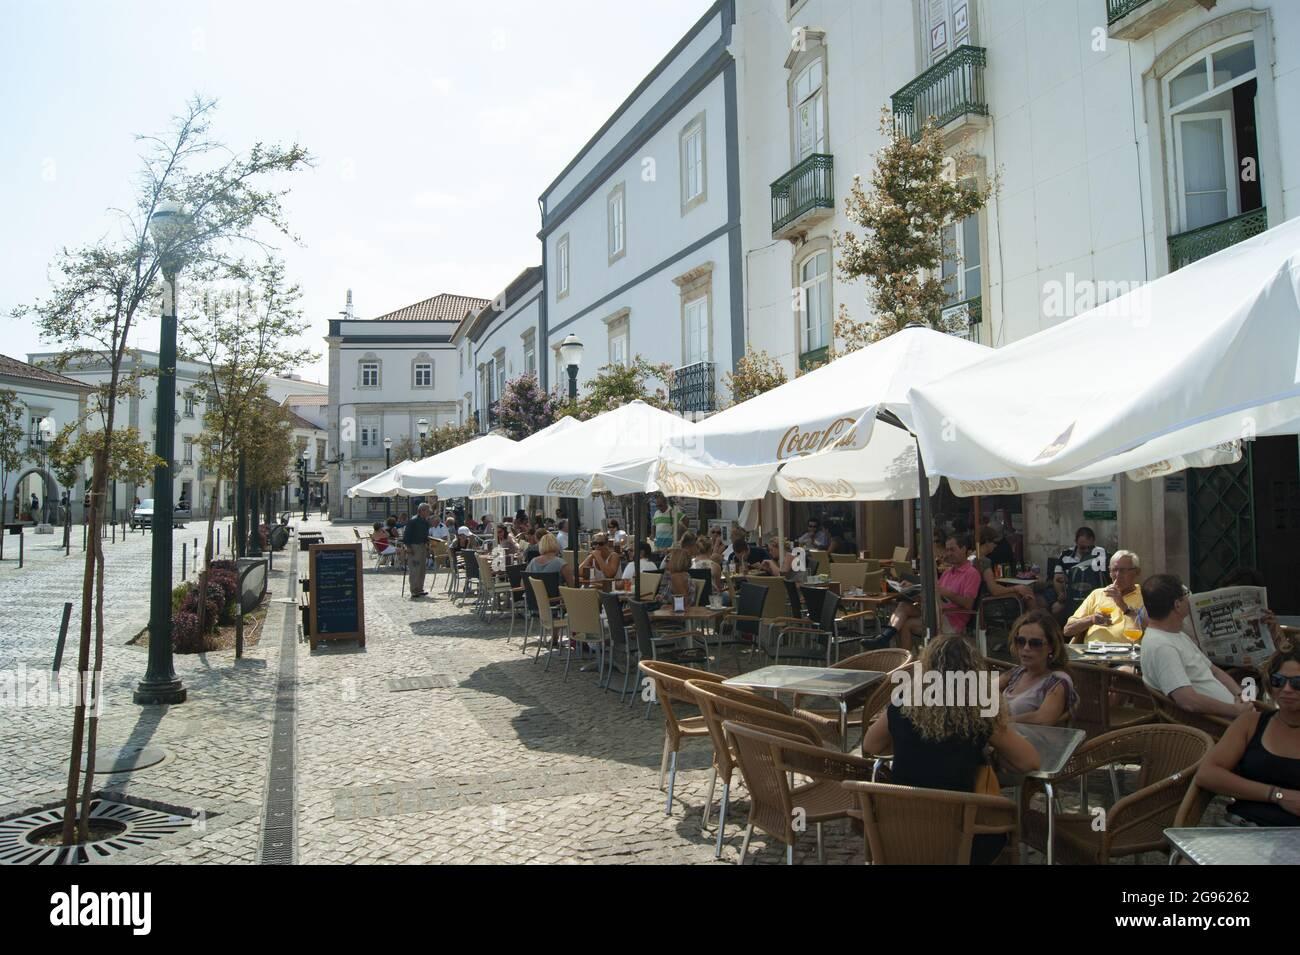 Tavira / Portugal / septembre 21 2012 : les vacanciers apprécient les boissons et la nourriture dans un café situé sur le trottoir au cœur de la vieille ville. Des parasols sont à votre disposition Banque D'Images